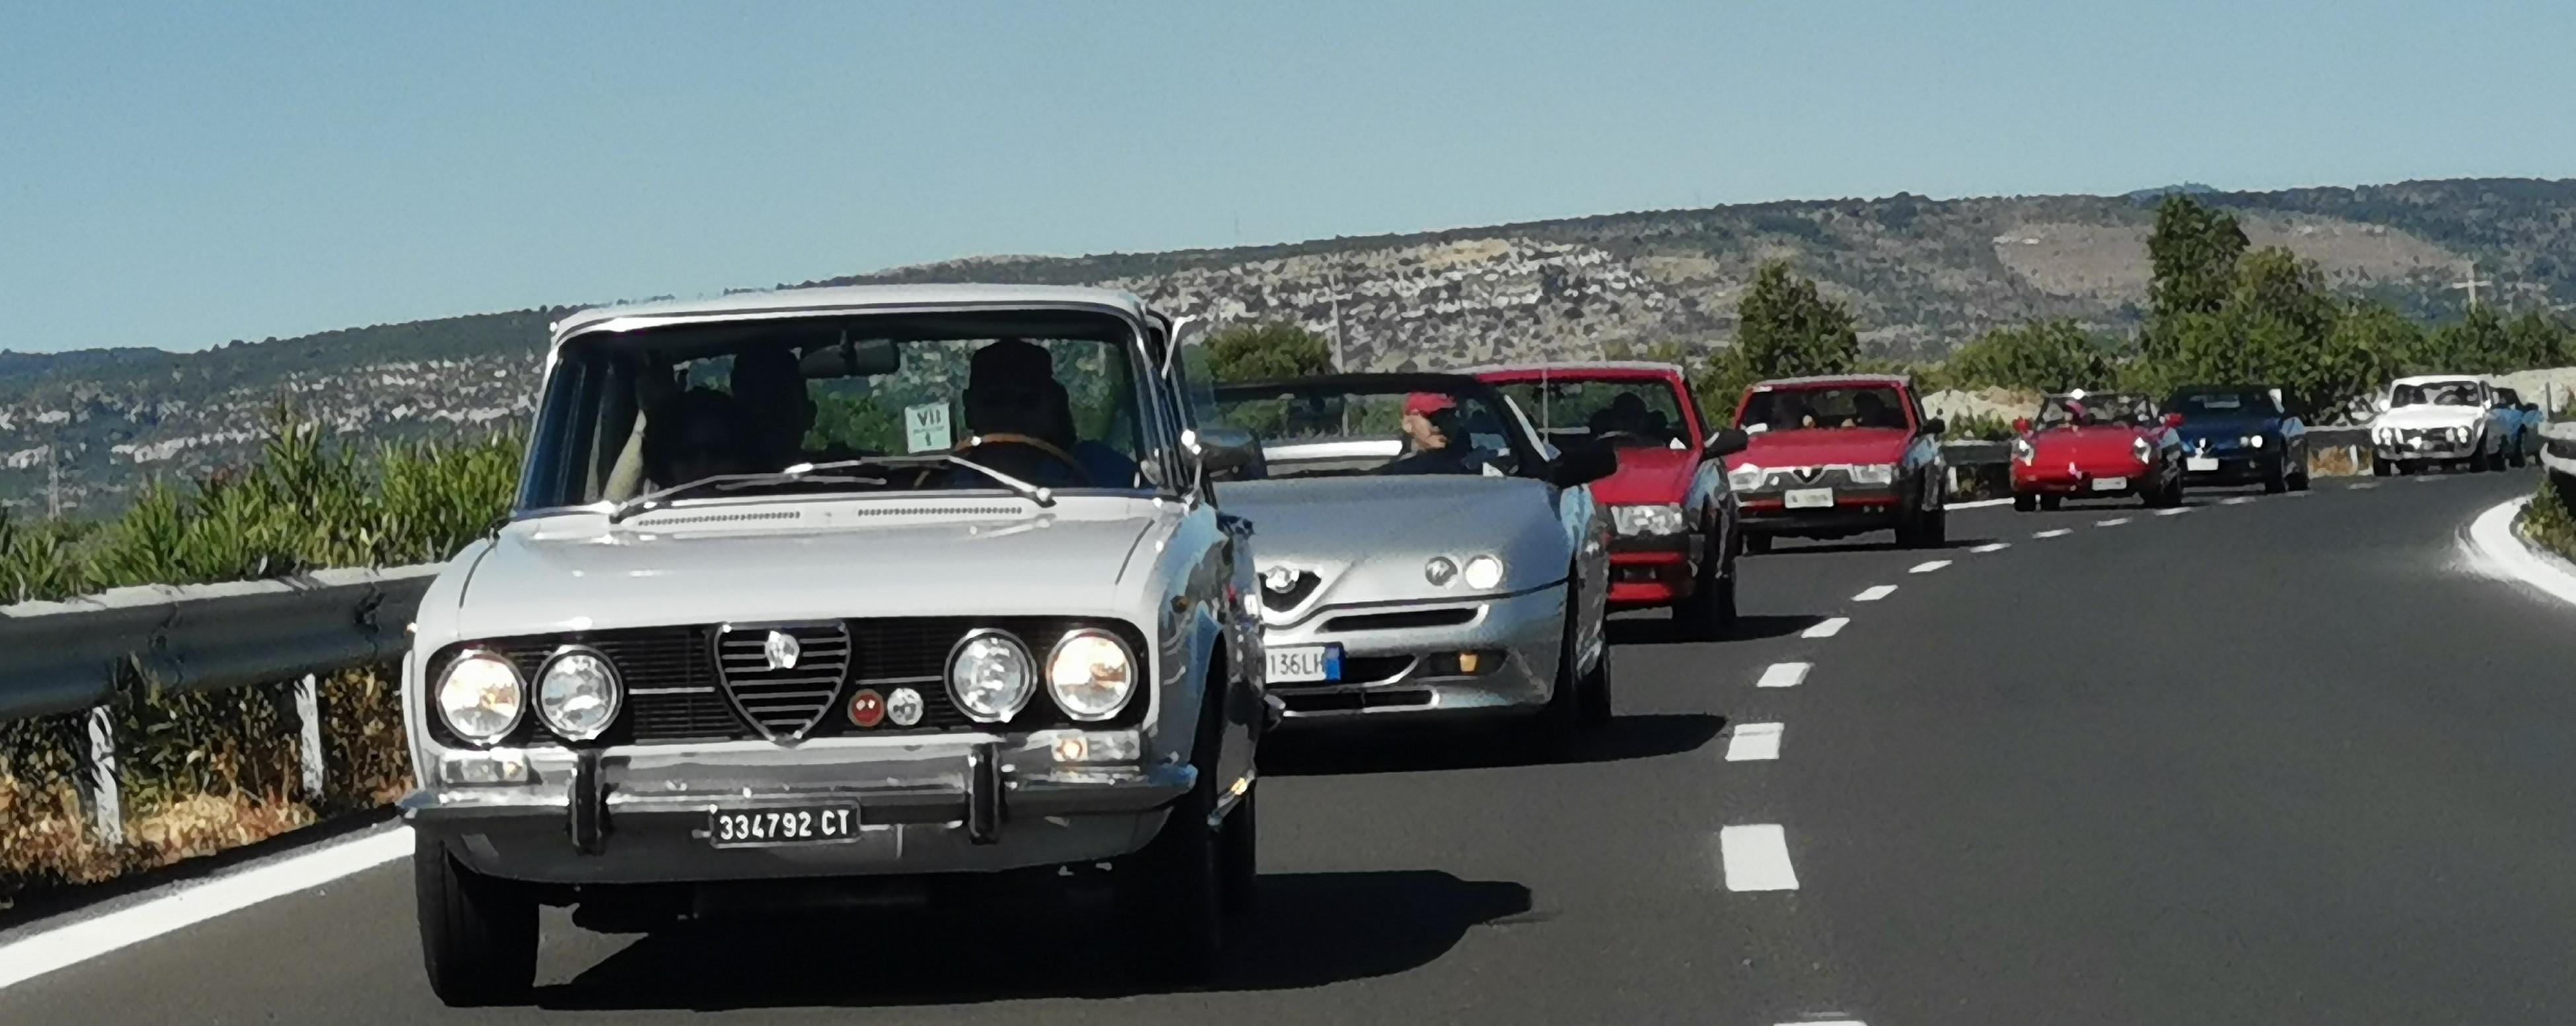 Auto storiche Catania